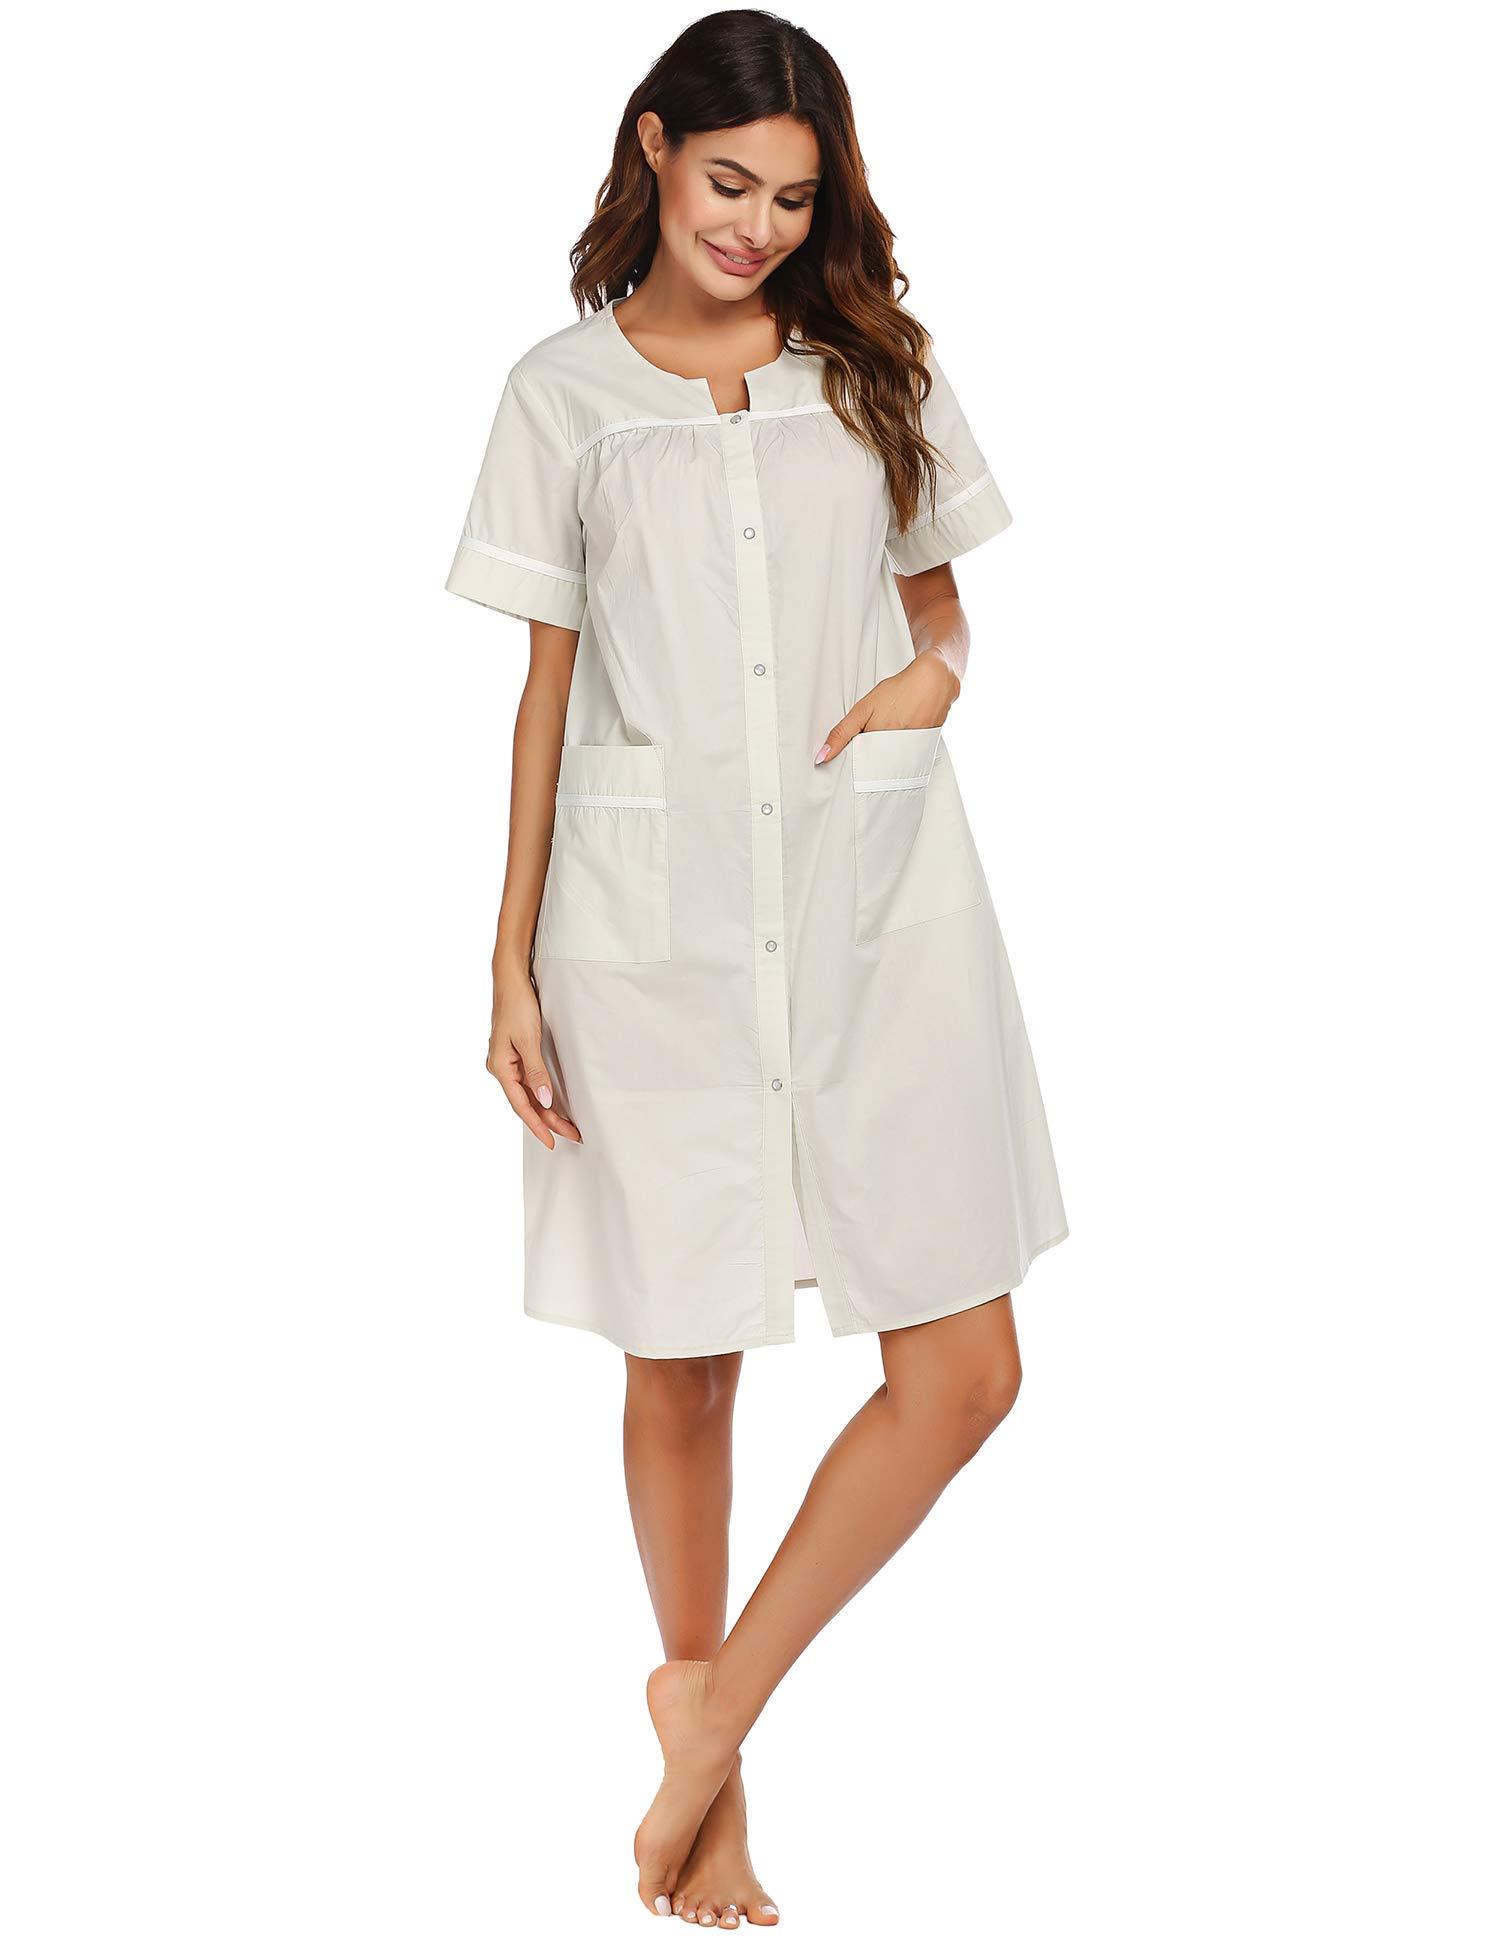 Ekouaer Sleepwear Women Snap/Button Front Housecoats Cotton Dusters Short Sleeve House Dress S-XXL